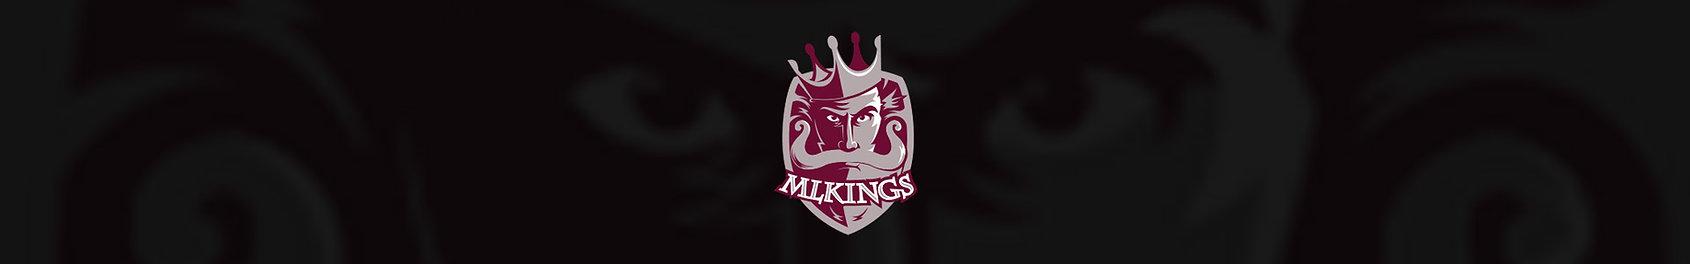 LogoBar_MLKings.jpg